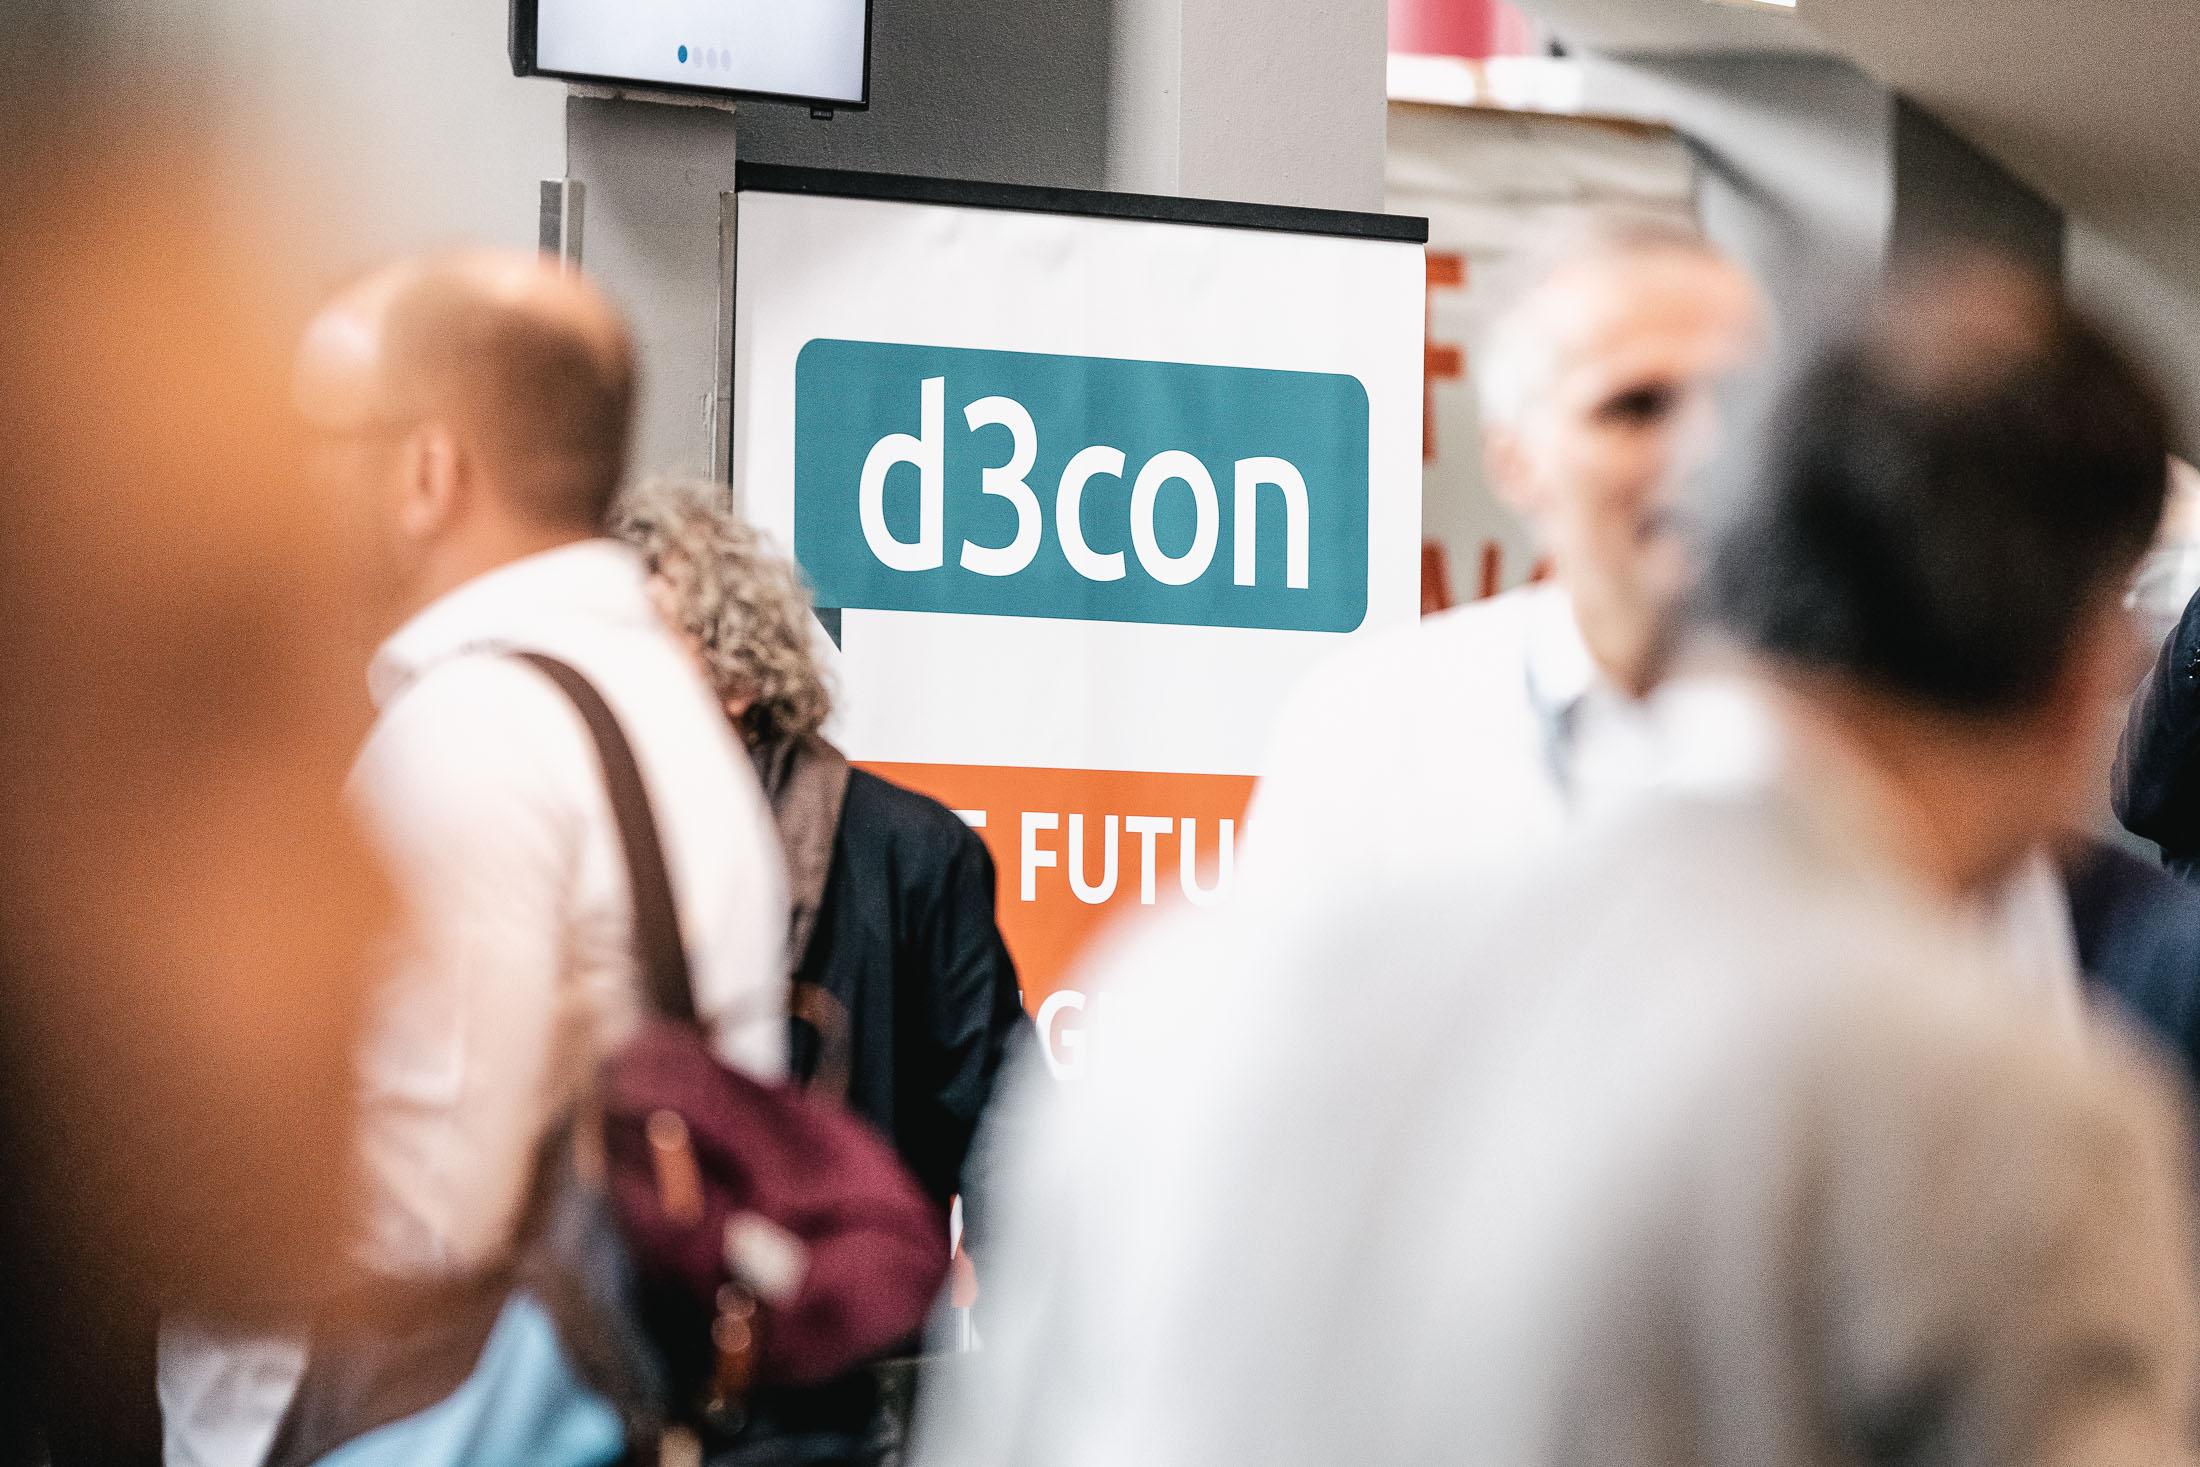 D3con-5986